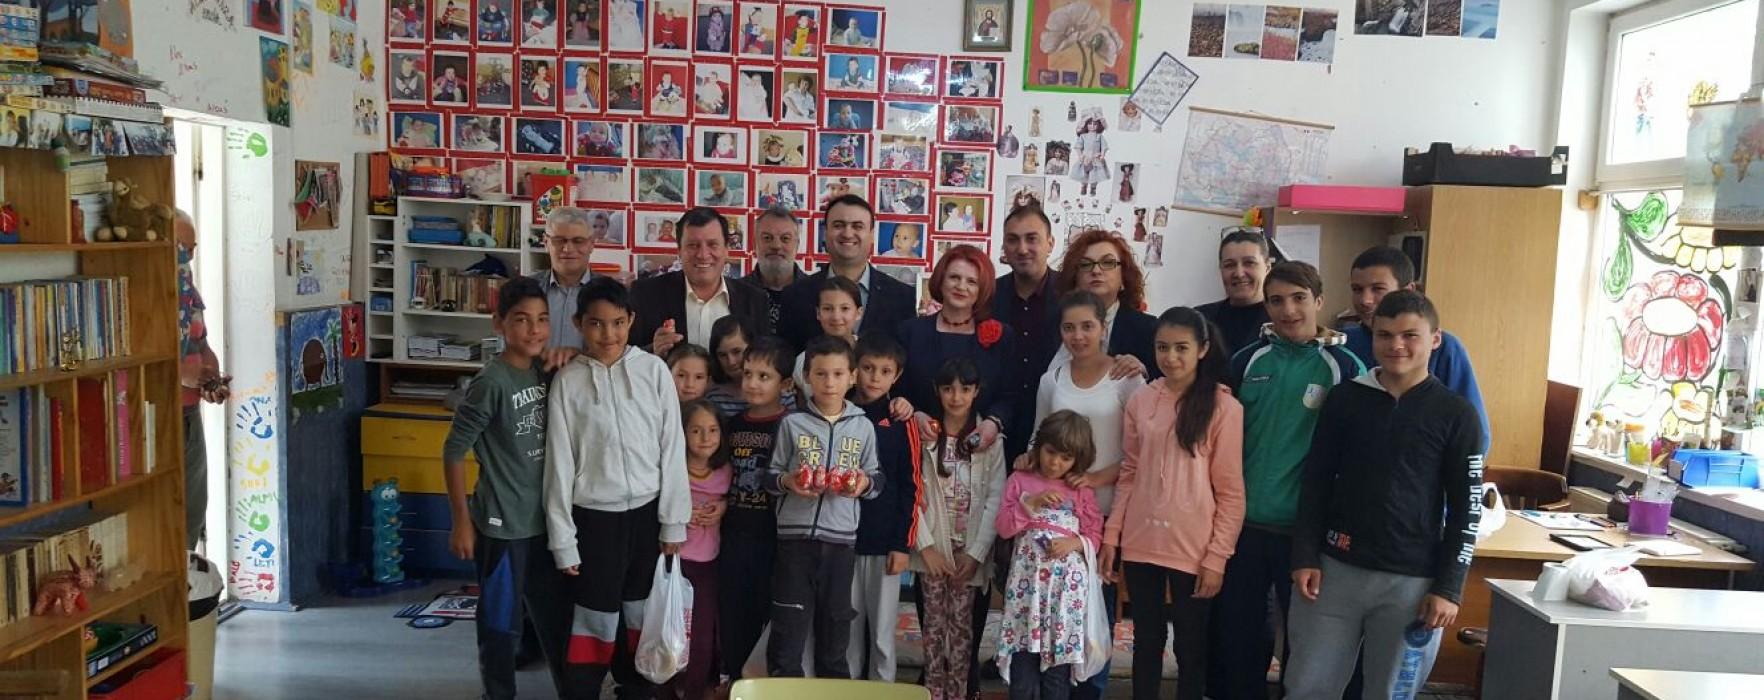 De Paşte, organizaţia de femei a PSD Dâmboviţa alături de copii şi bătrâni instituţionalizaţi